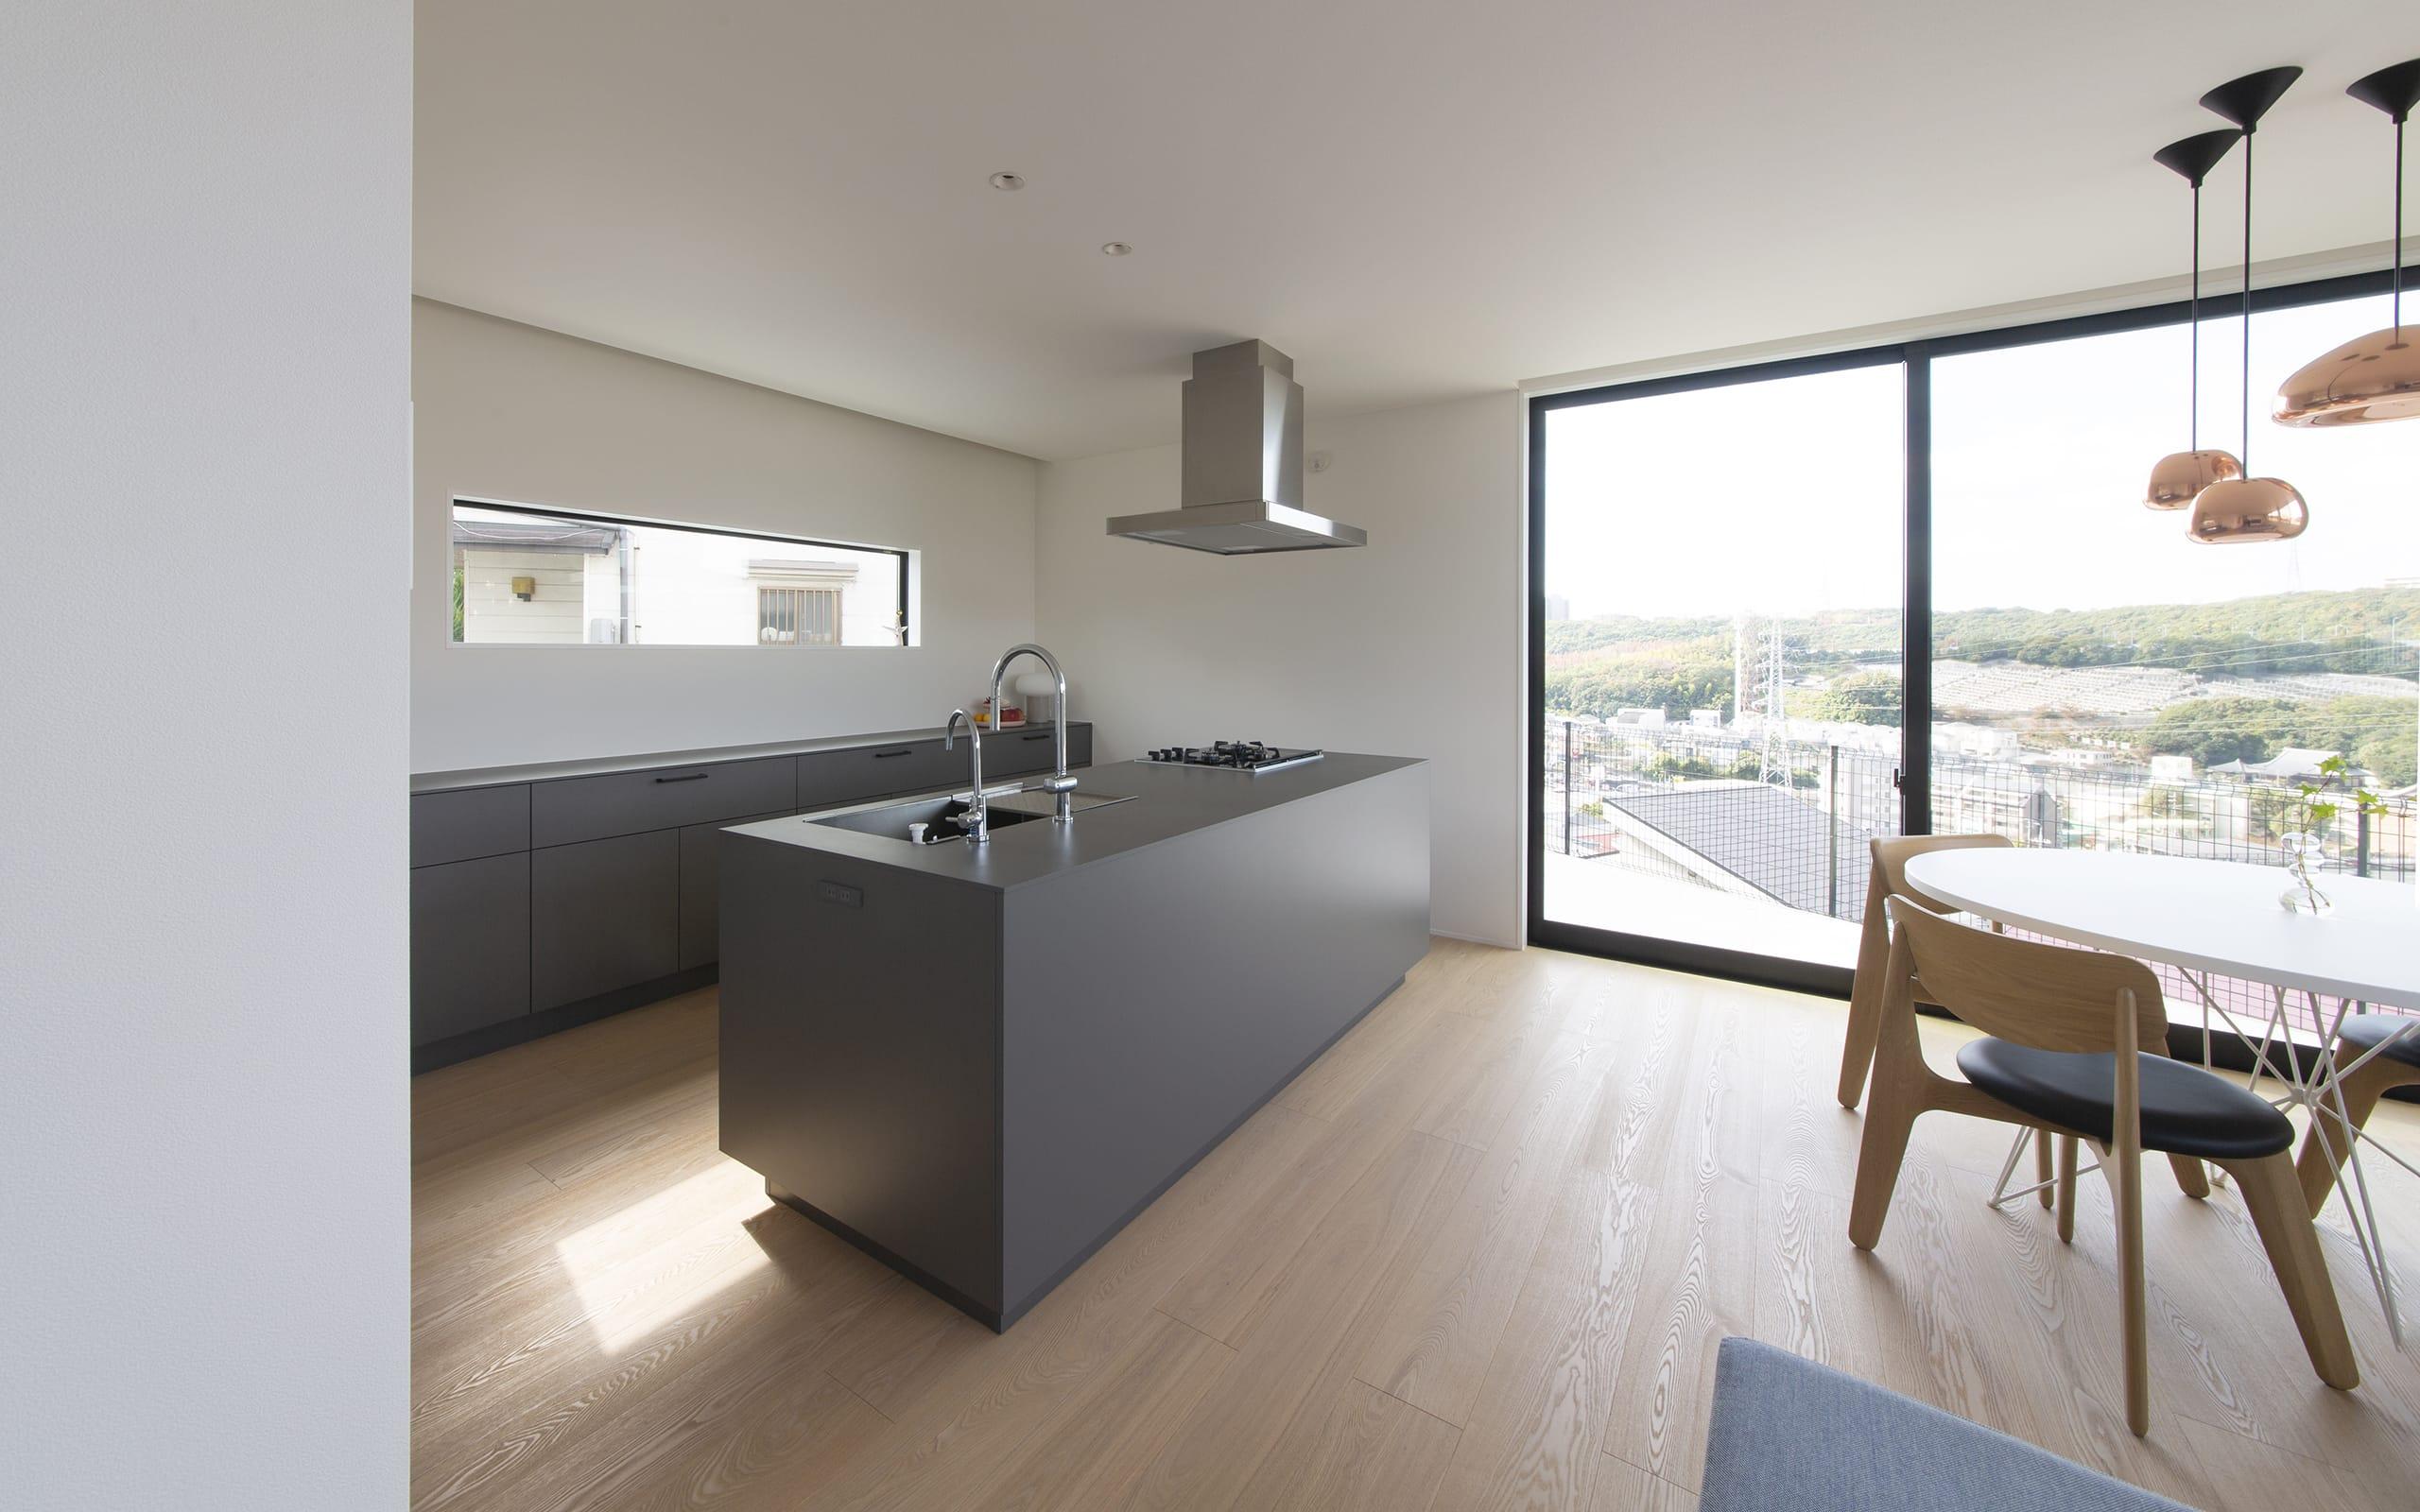 ルンバブルハウスのキッチン2